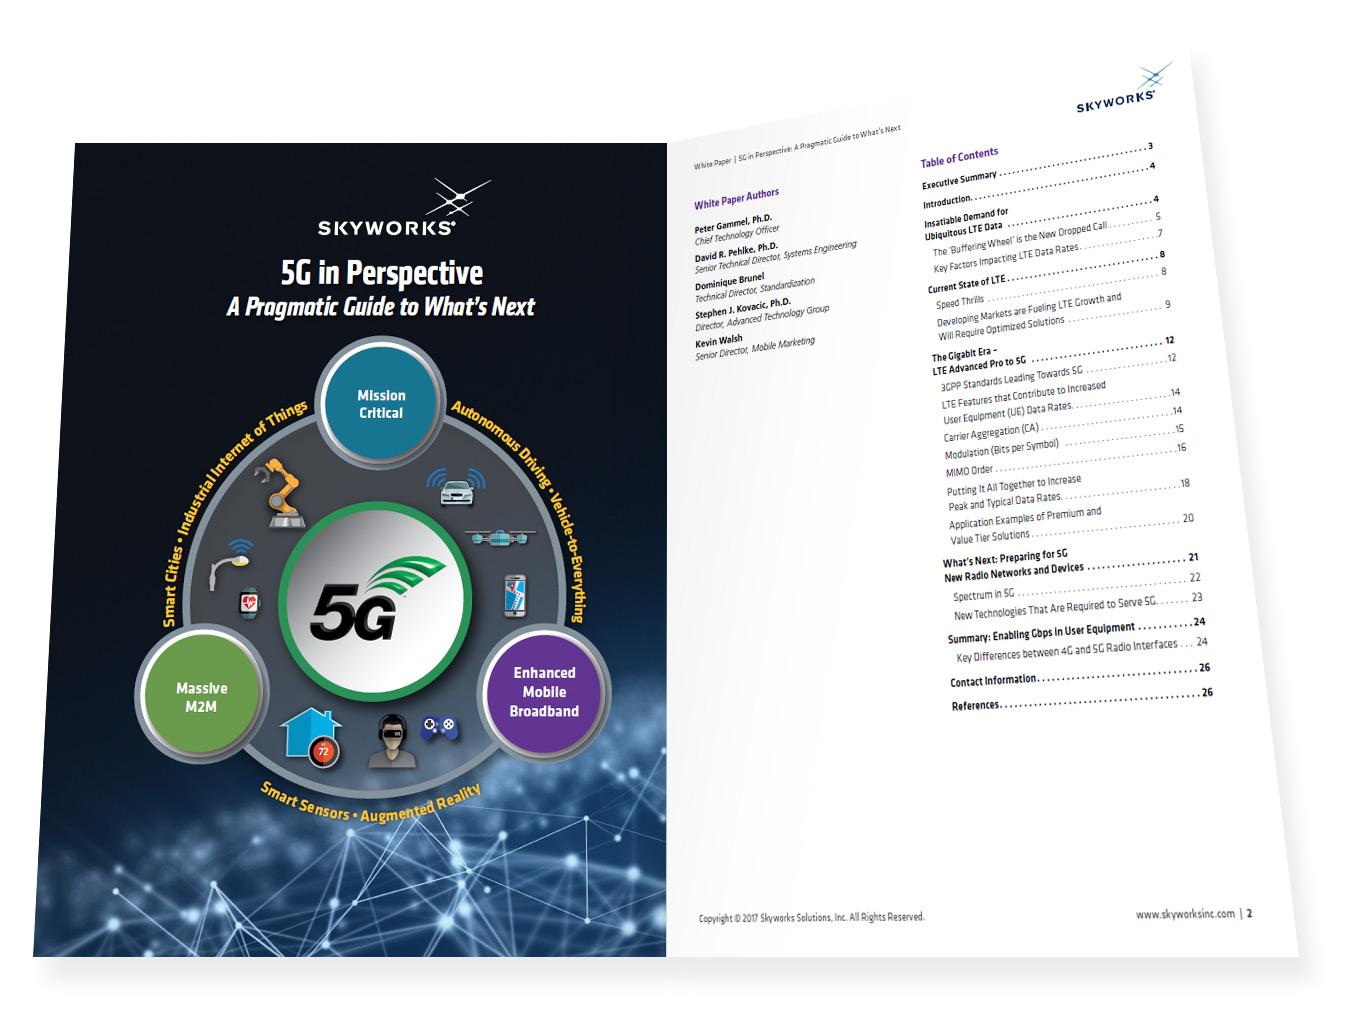 Sky5™ platforma komunikacji 5G zaprezentowana przez firmę Skyworks